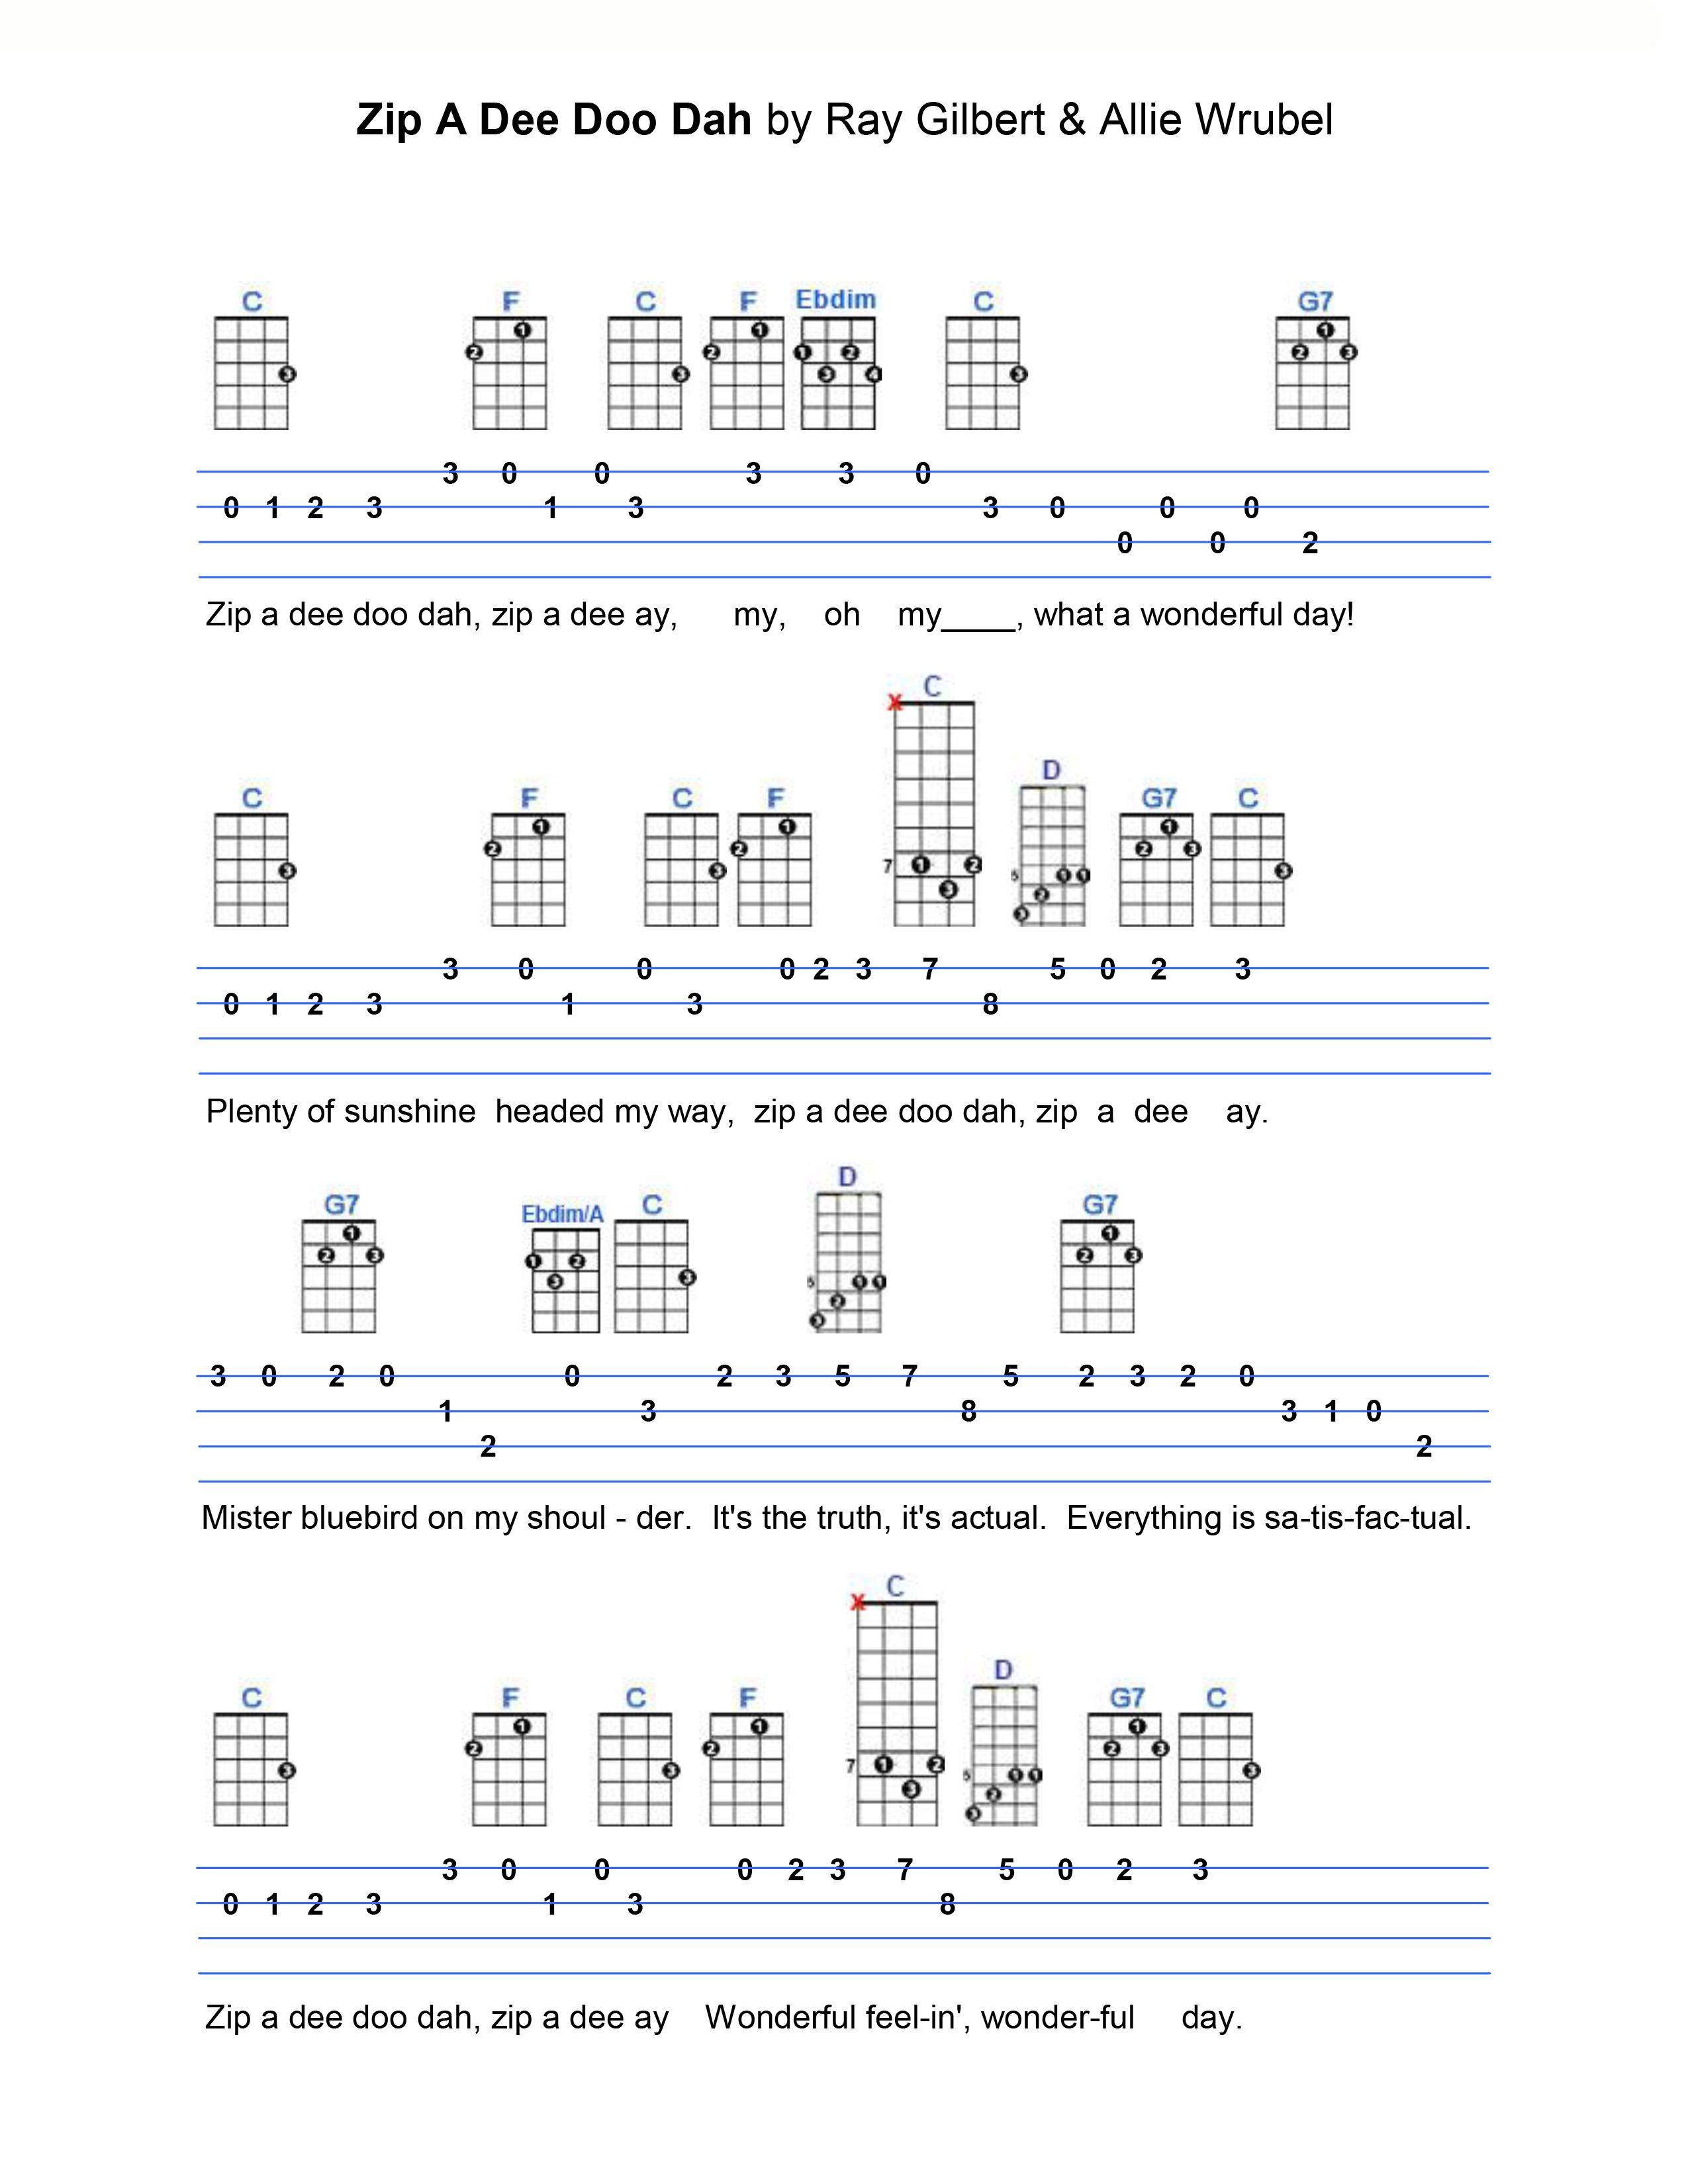 Zip a dee doo dah ukulele tabs pinterest zip ukulele tabs instruments hexwebz Images